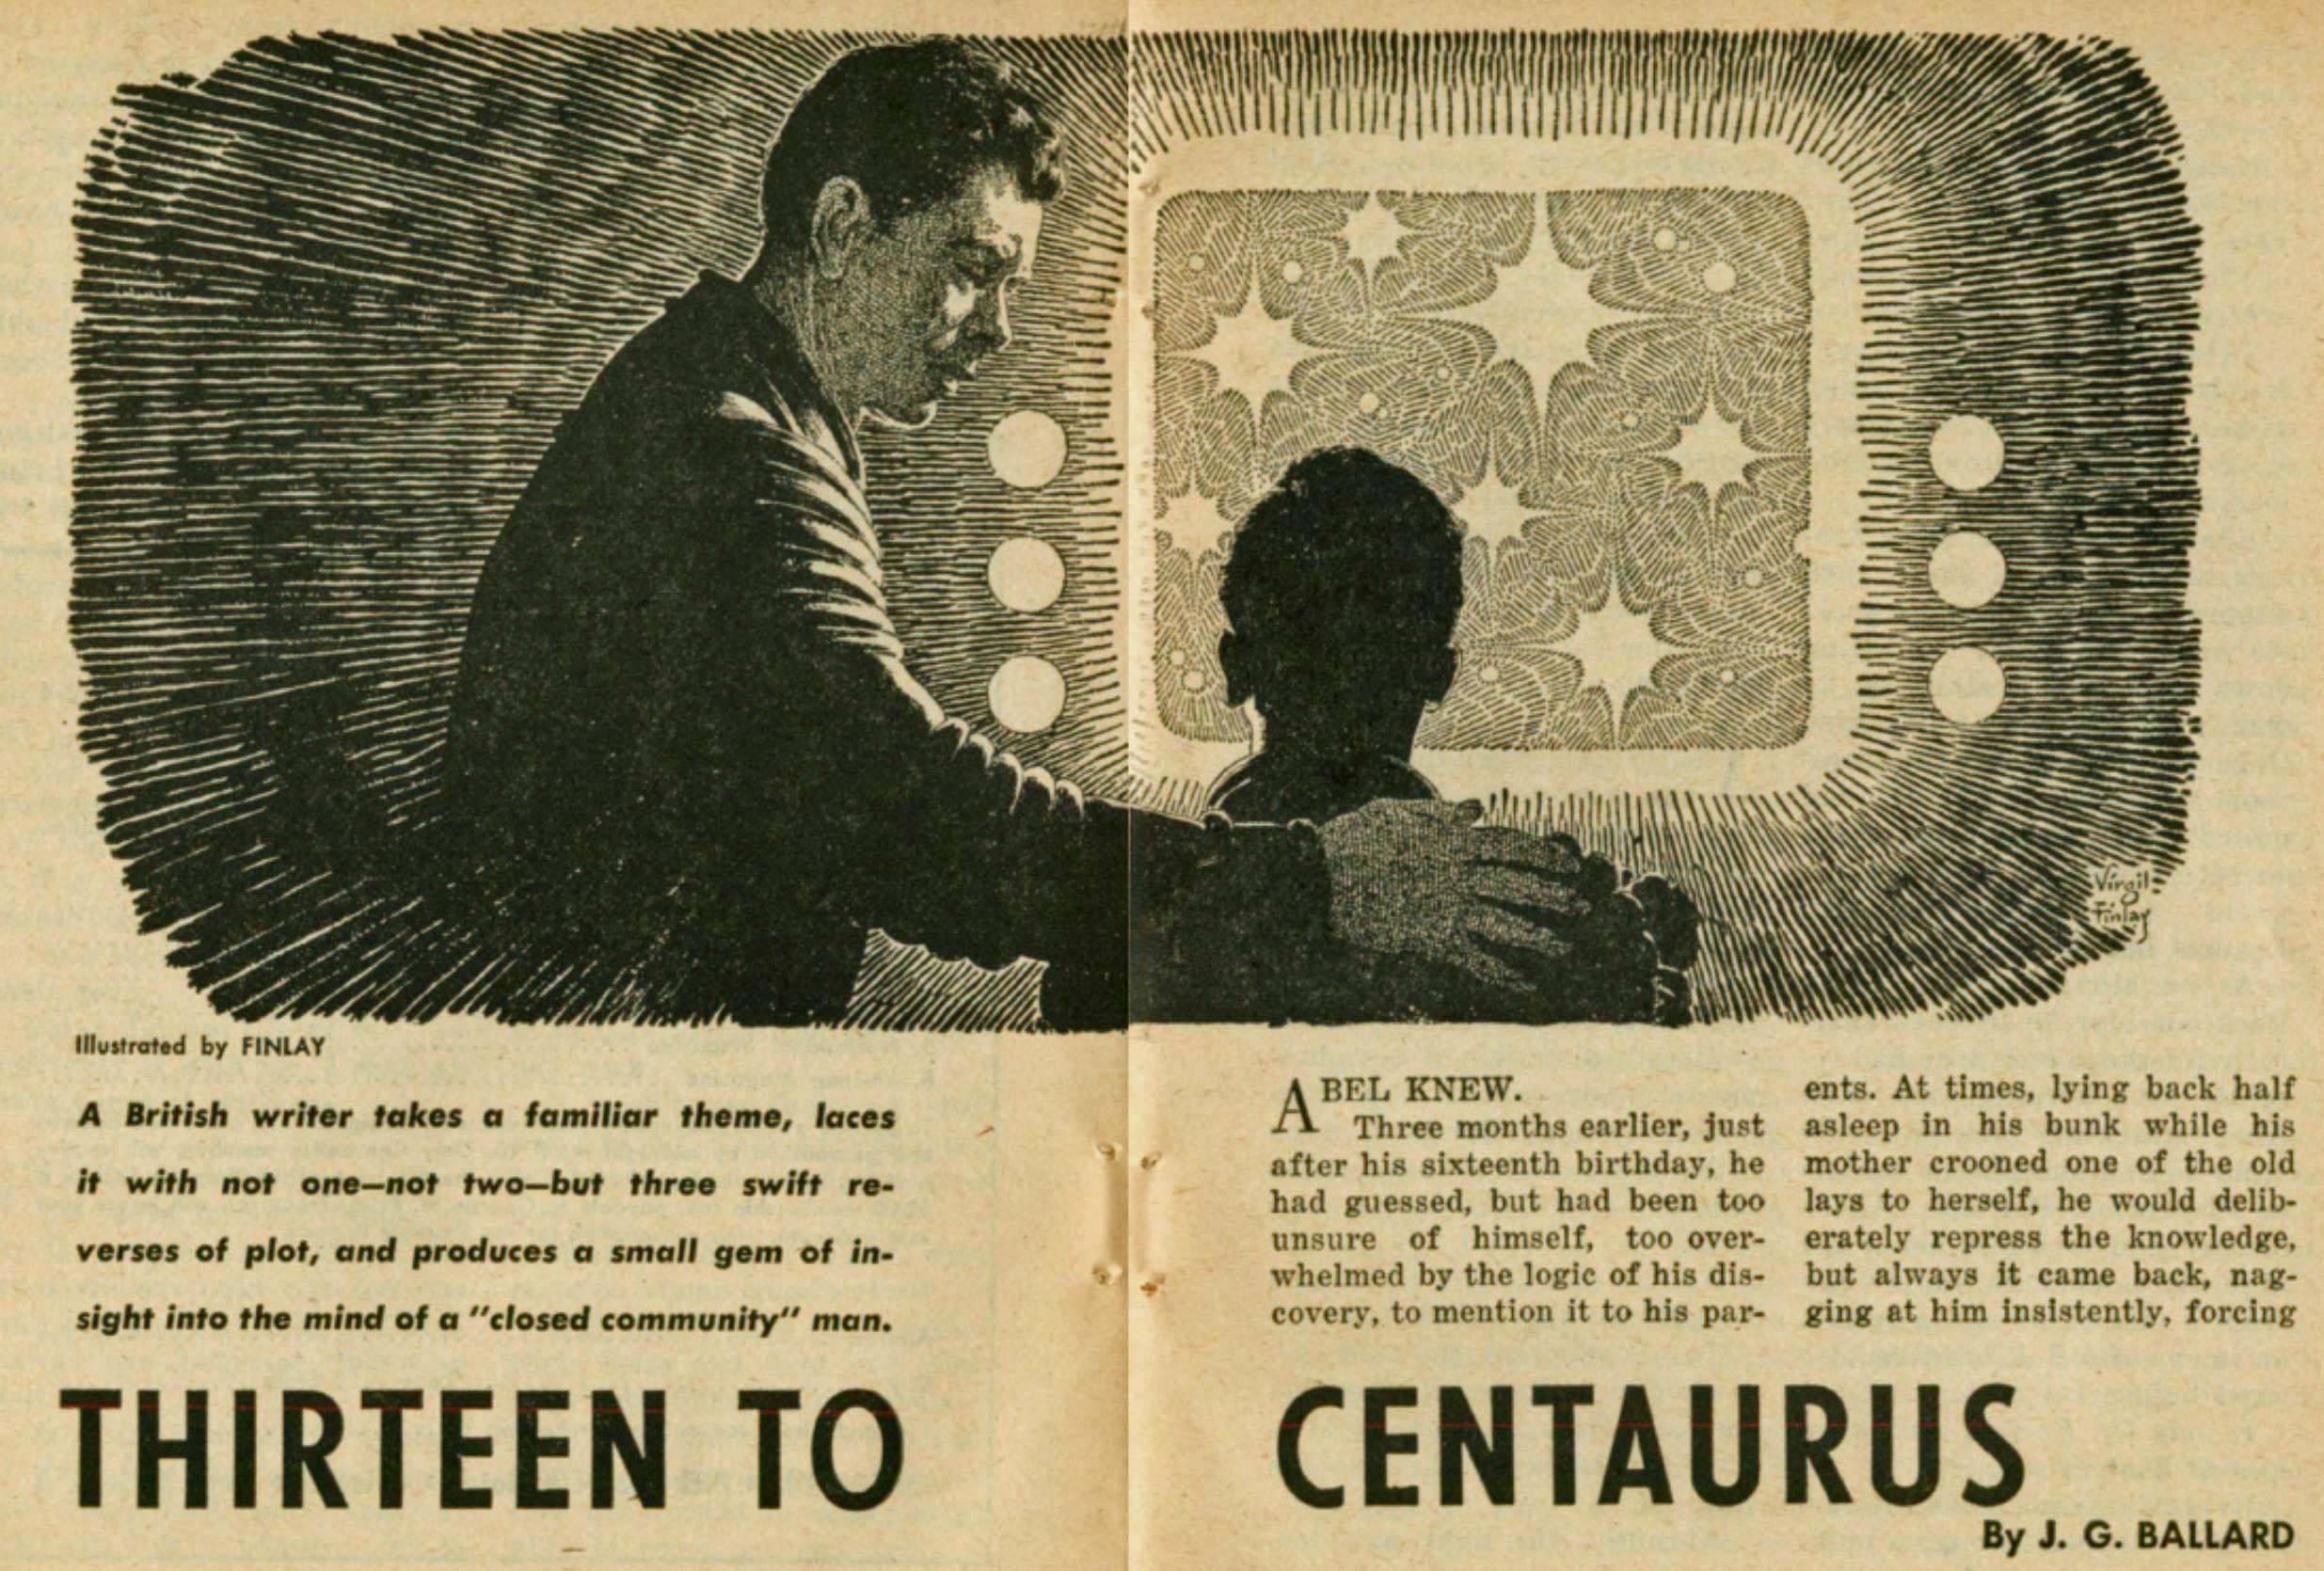 Thirteen to Cenaurus by J. G. Ballard